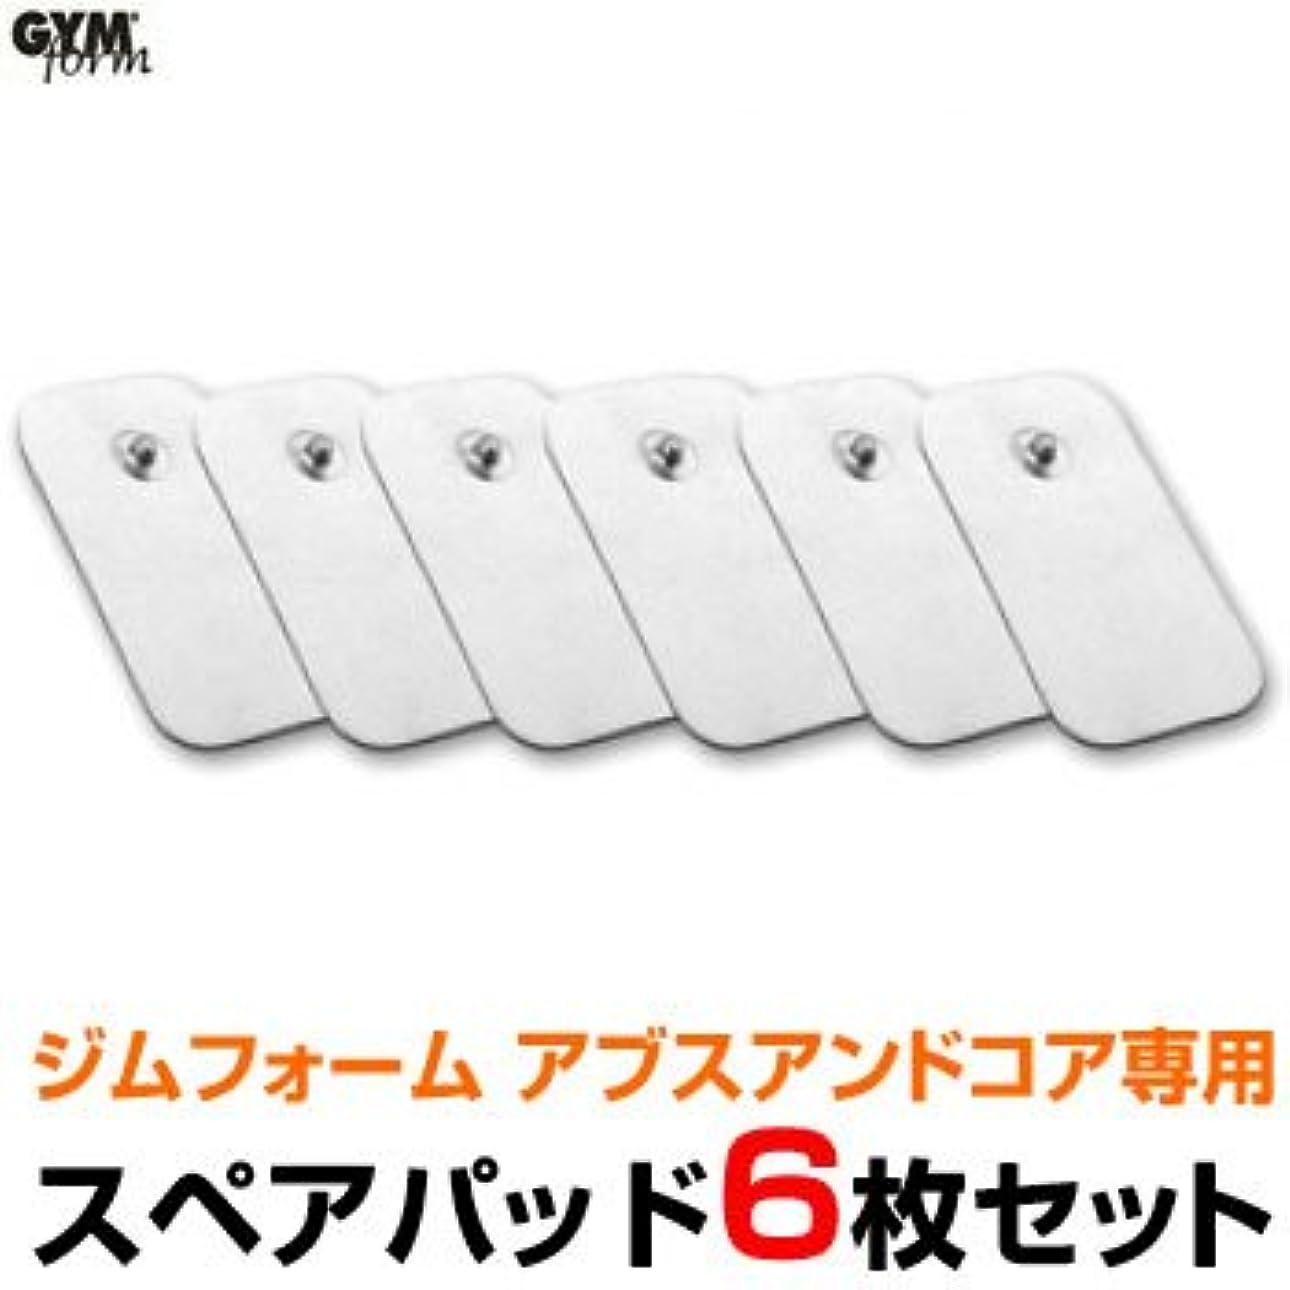 麺カポック止まるジムフォーム アブス&コア専用スペアパッド(GYMform ABS&CORE)6枚セット